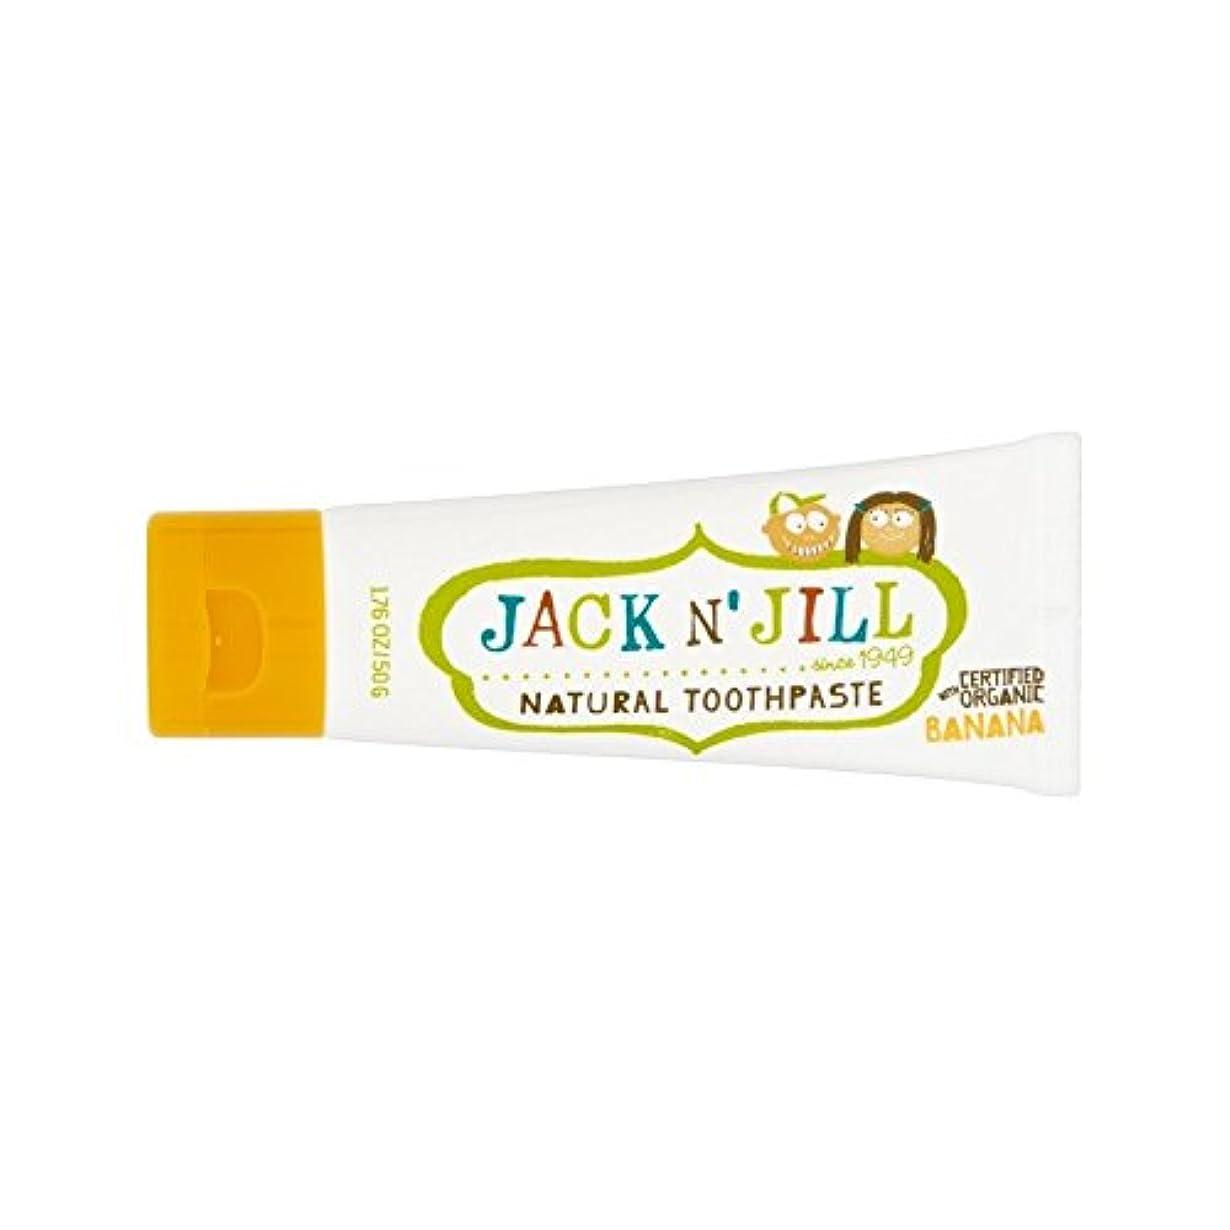 宿寝てるバスタブ有機香味50グラムと自然バナナ歯磨き粉 (Jack N Jill) (x 6) - Jack N' Jill Banana Toothpaste Natural with Organic Flavouring 50g (...